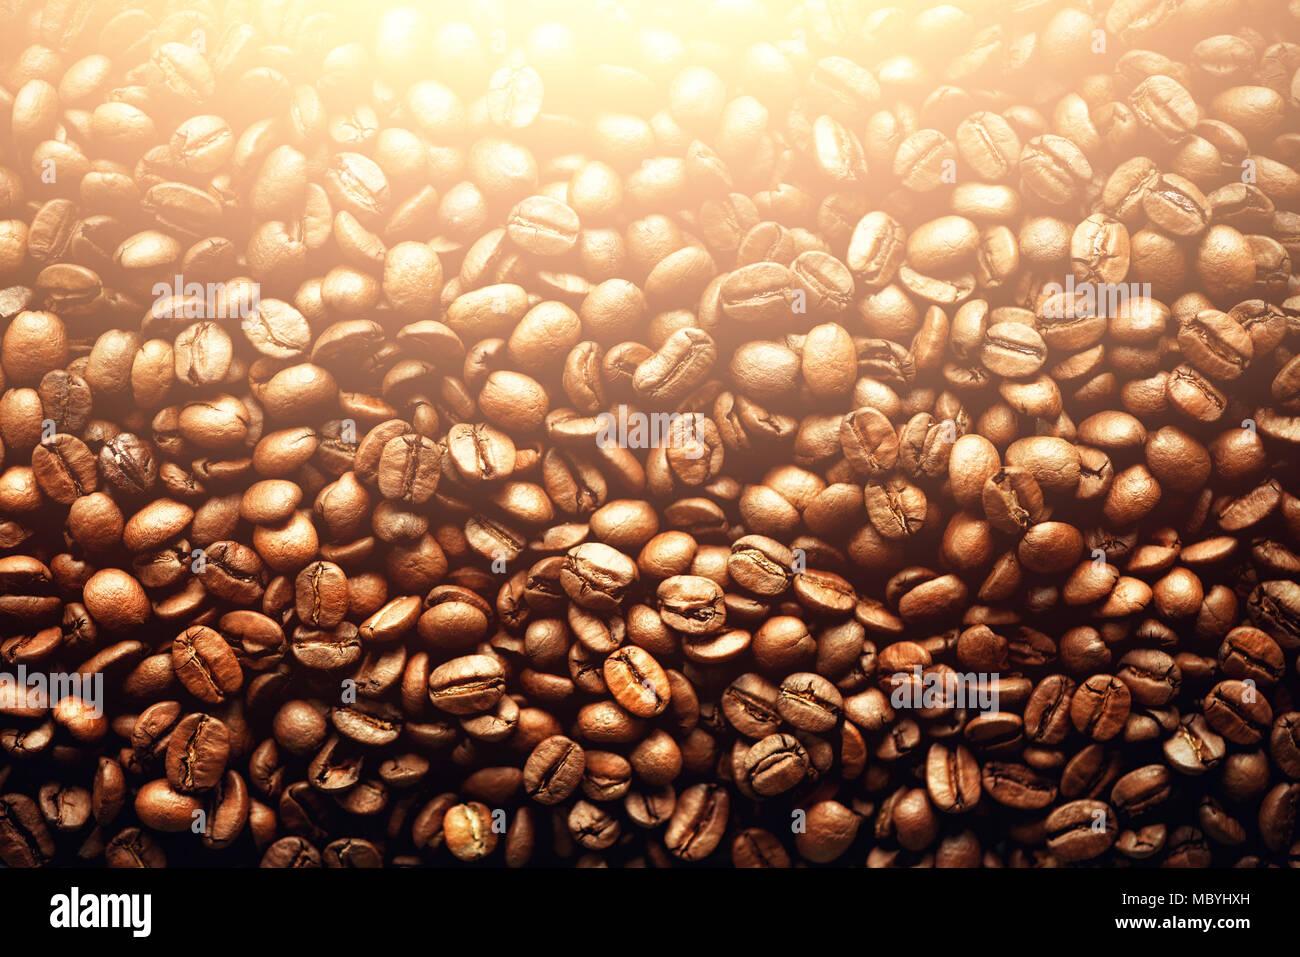 Geröstete Kaffeebohnen Hintergrund, Kopieren, Ansicht von oben. Cappuccino, Espresso, Schwarz aroma Koffein trinken, Zutat für Kaffee trinken. Makro schießen Stockbild